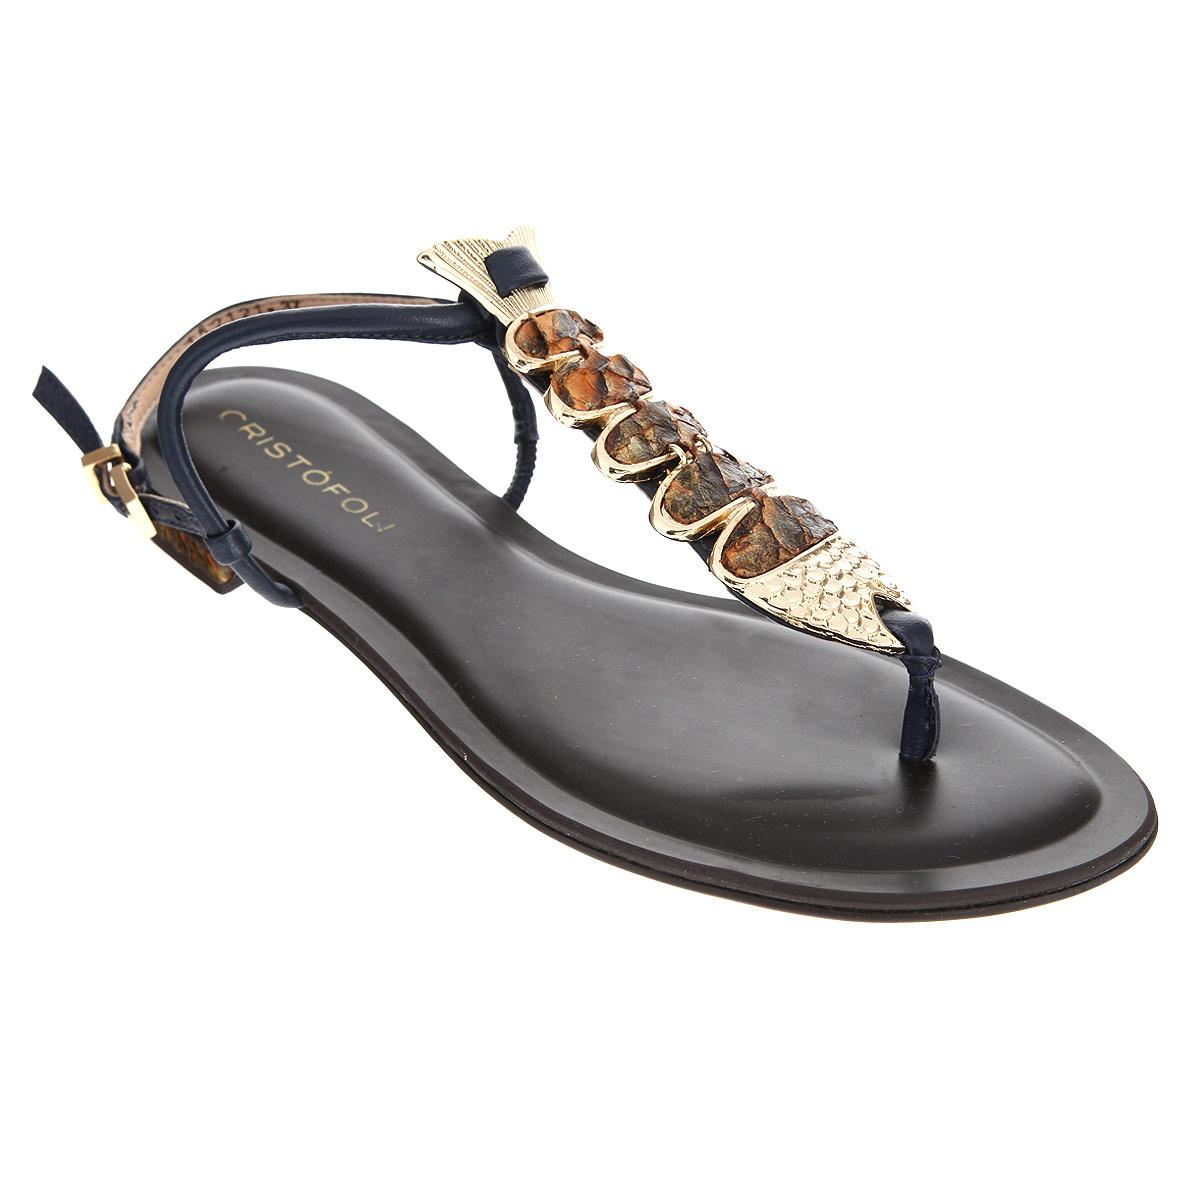 Сандалии женские. 152121152121Оригинальные женские сандалии от Cristofoli заинтересуют вас своим дизайном. Изделие изготовлено из натуральной кожи. Ремешок с металлической пряжкой прямоугольной формы надежно зафиксирует модель на вашей щиколотке. Длина ремешка регулируется за счет болта. Ремешок на подъеме оформлен декоративным элементом в виде рыбки, выполненной из металла. Стелька из натуральной кожи позволяет ногам дышать. Невысокий каблук и подошва дополнены противоскользящим рифлением. Каблук оформлен вставкой, имитирующей чешую рыбы. Стильные сандалии помогут вам создать яркий запоминающийся образ.